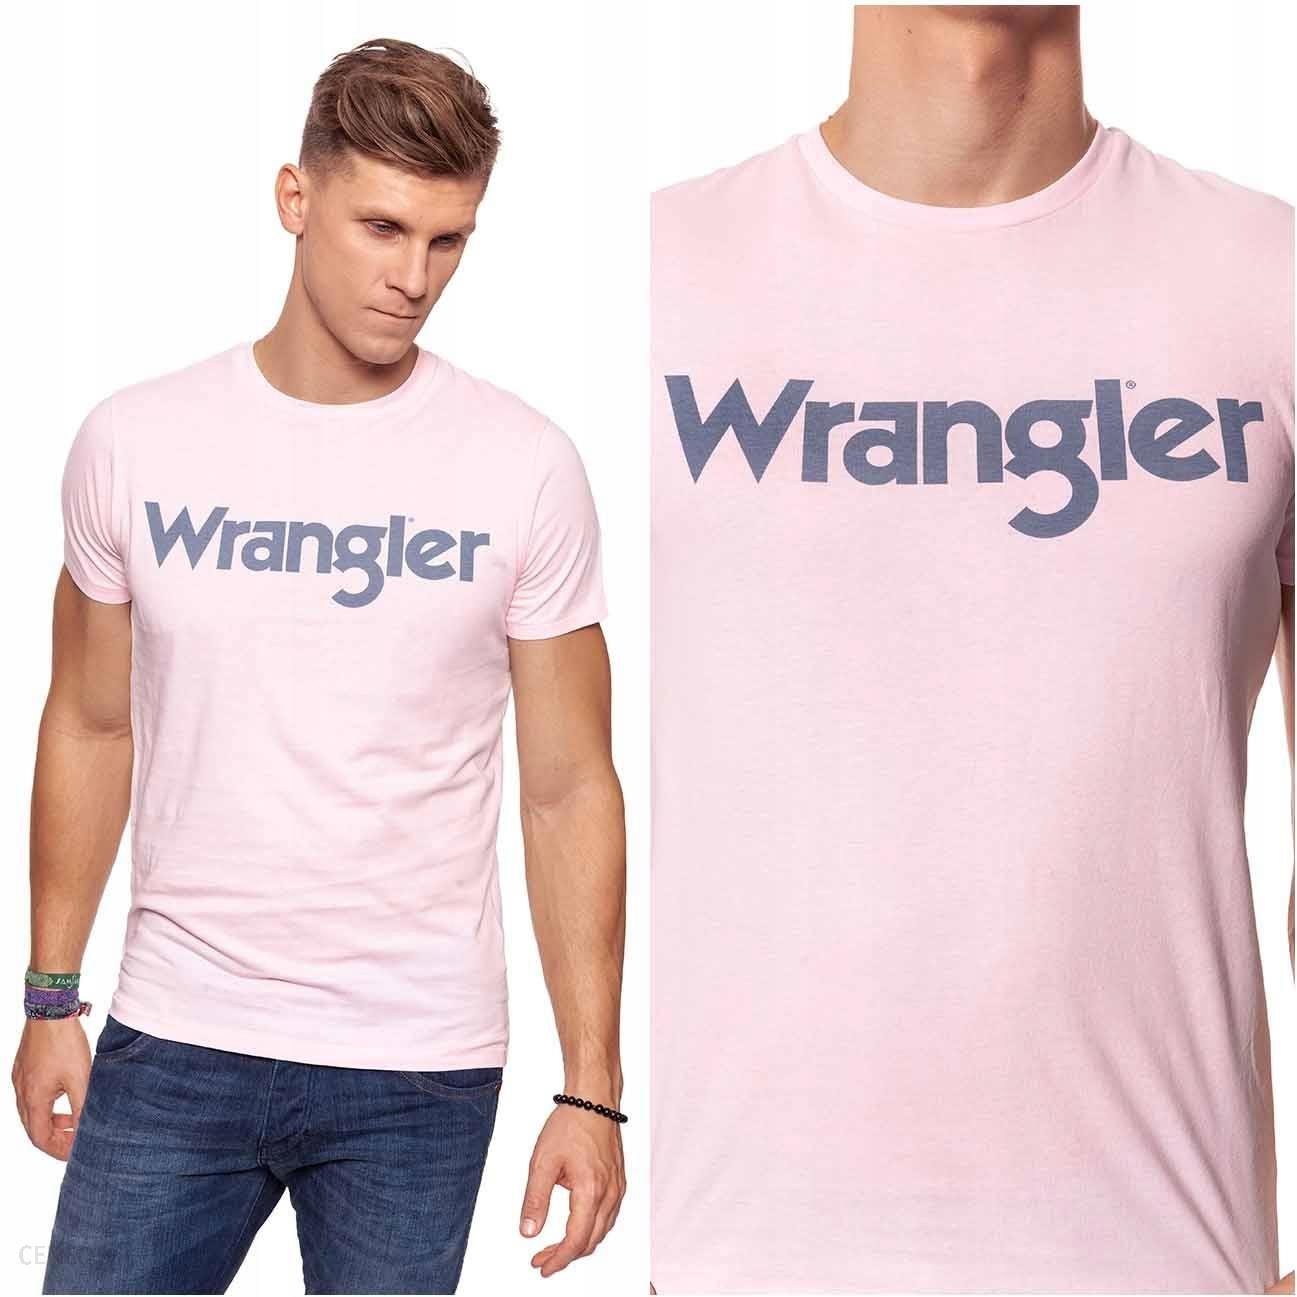 Wrangler Tee T shirt Koszulka Męska Różowa L Ceny i opinie Ceneo.pl